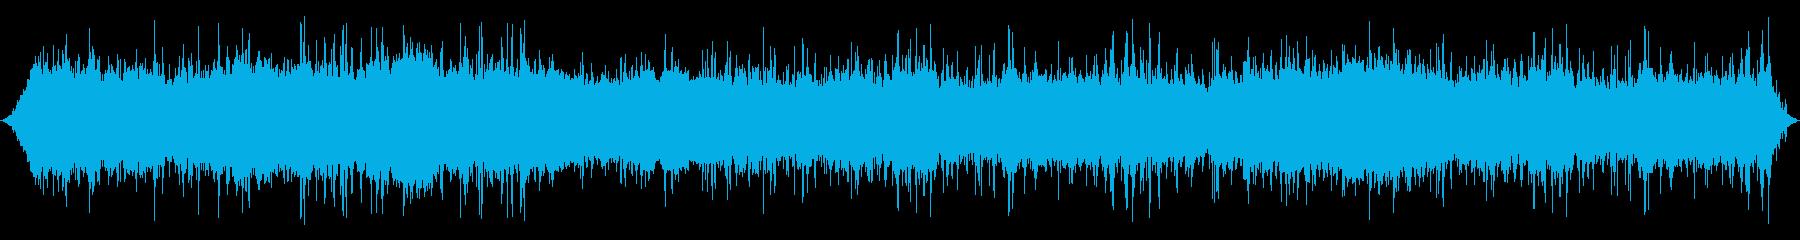 口histを吹く風:激しいラピッド...の再生済みの波形